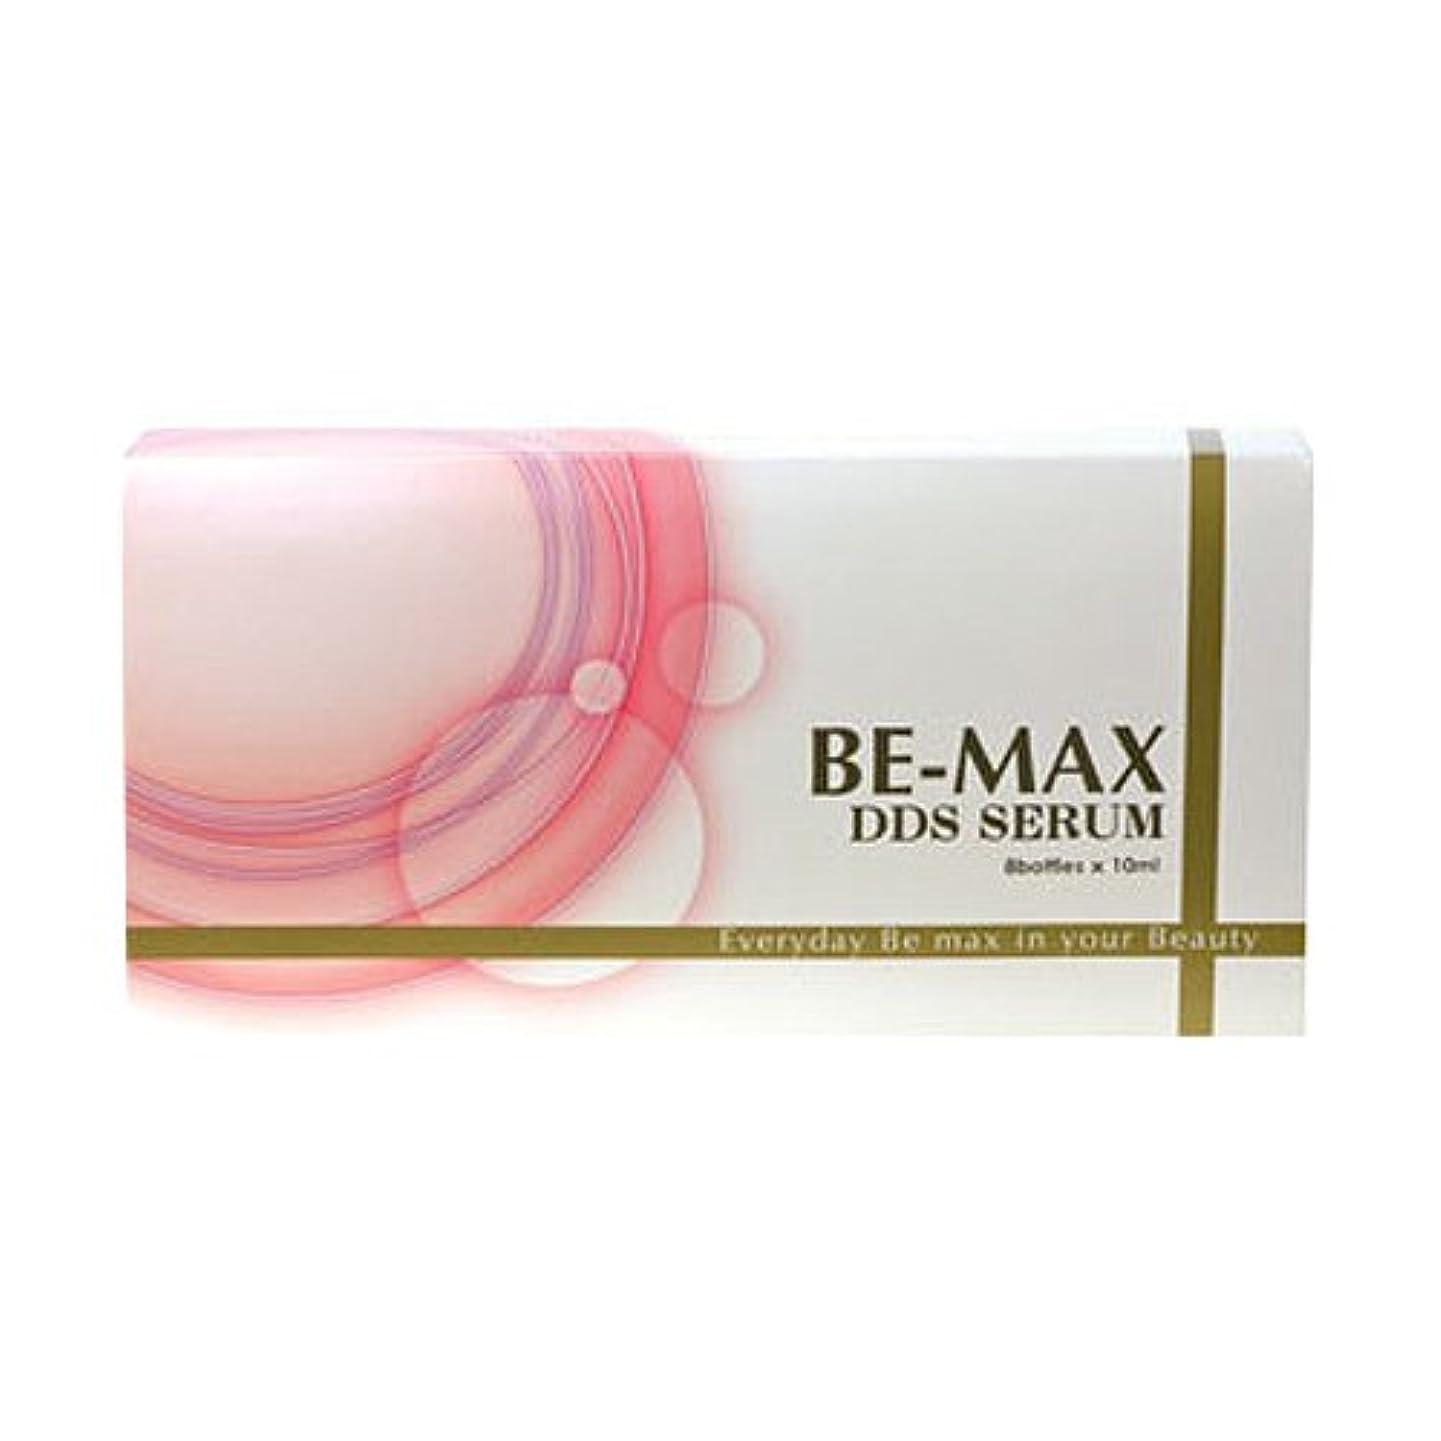 アート合併症鷲ビーマックス DDSセラム (10ml×8本) 美容液 BE-MAX DDS SERUM